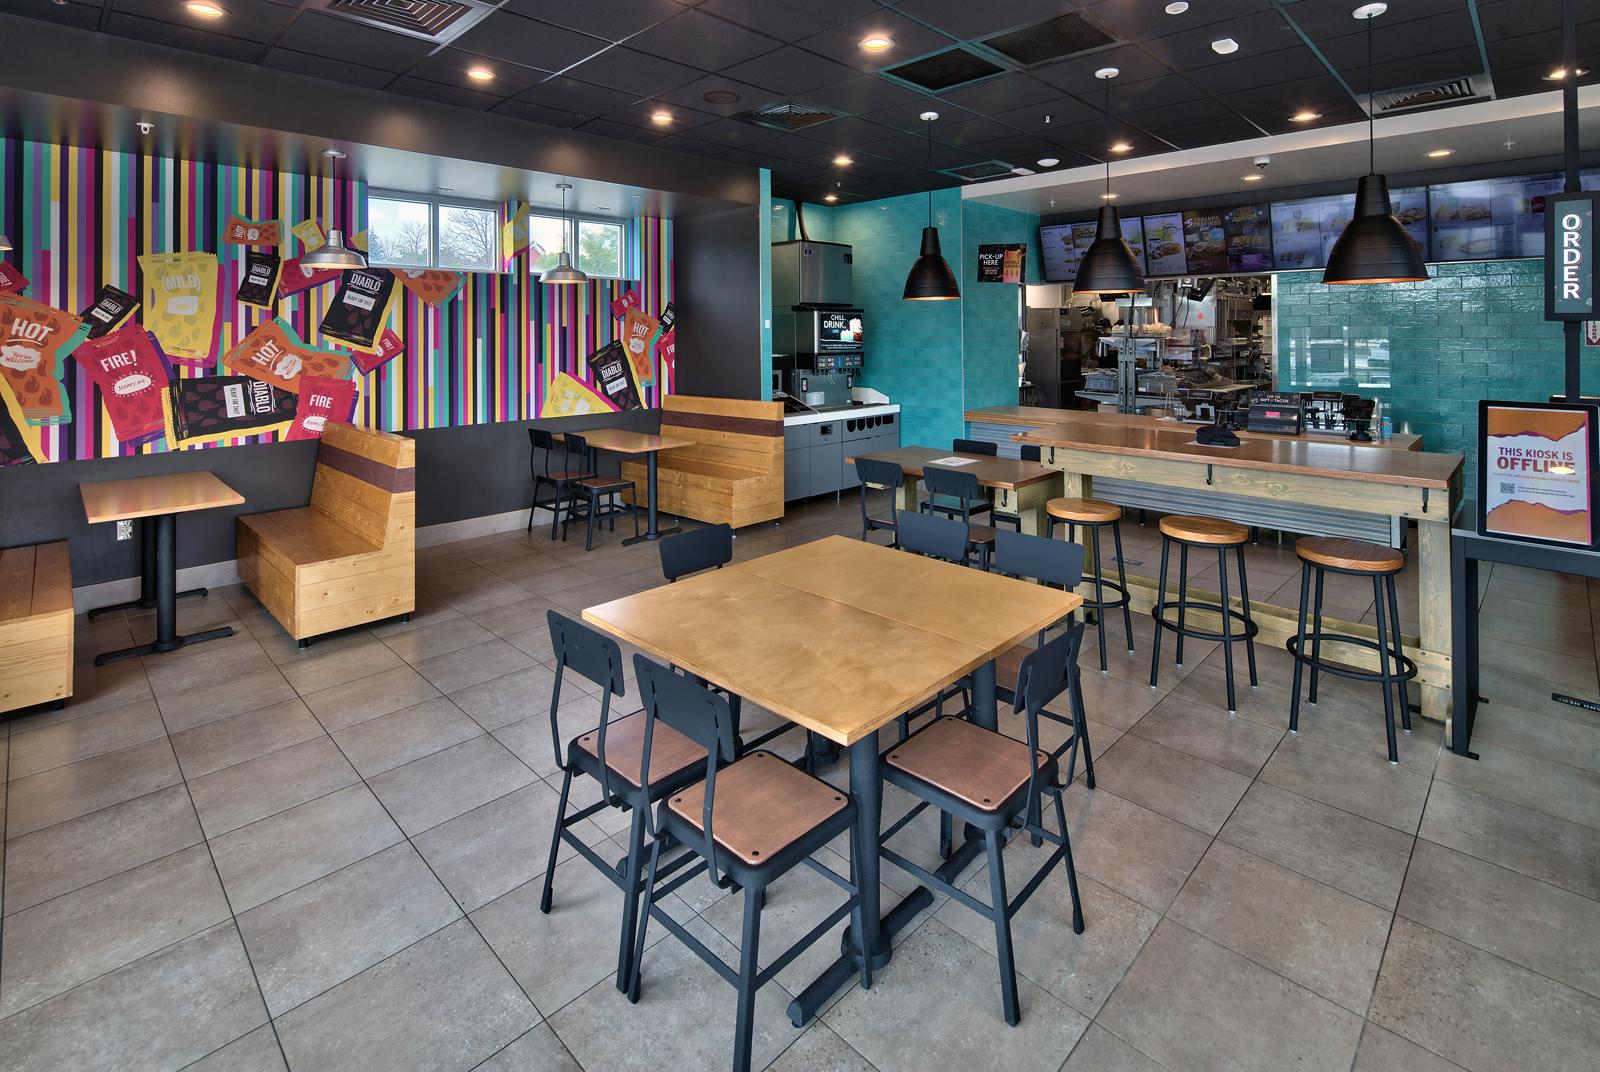 taco-bell-interior-2.jpg